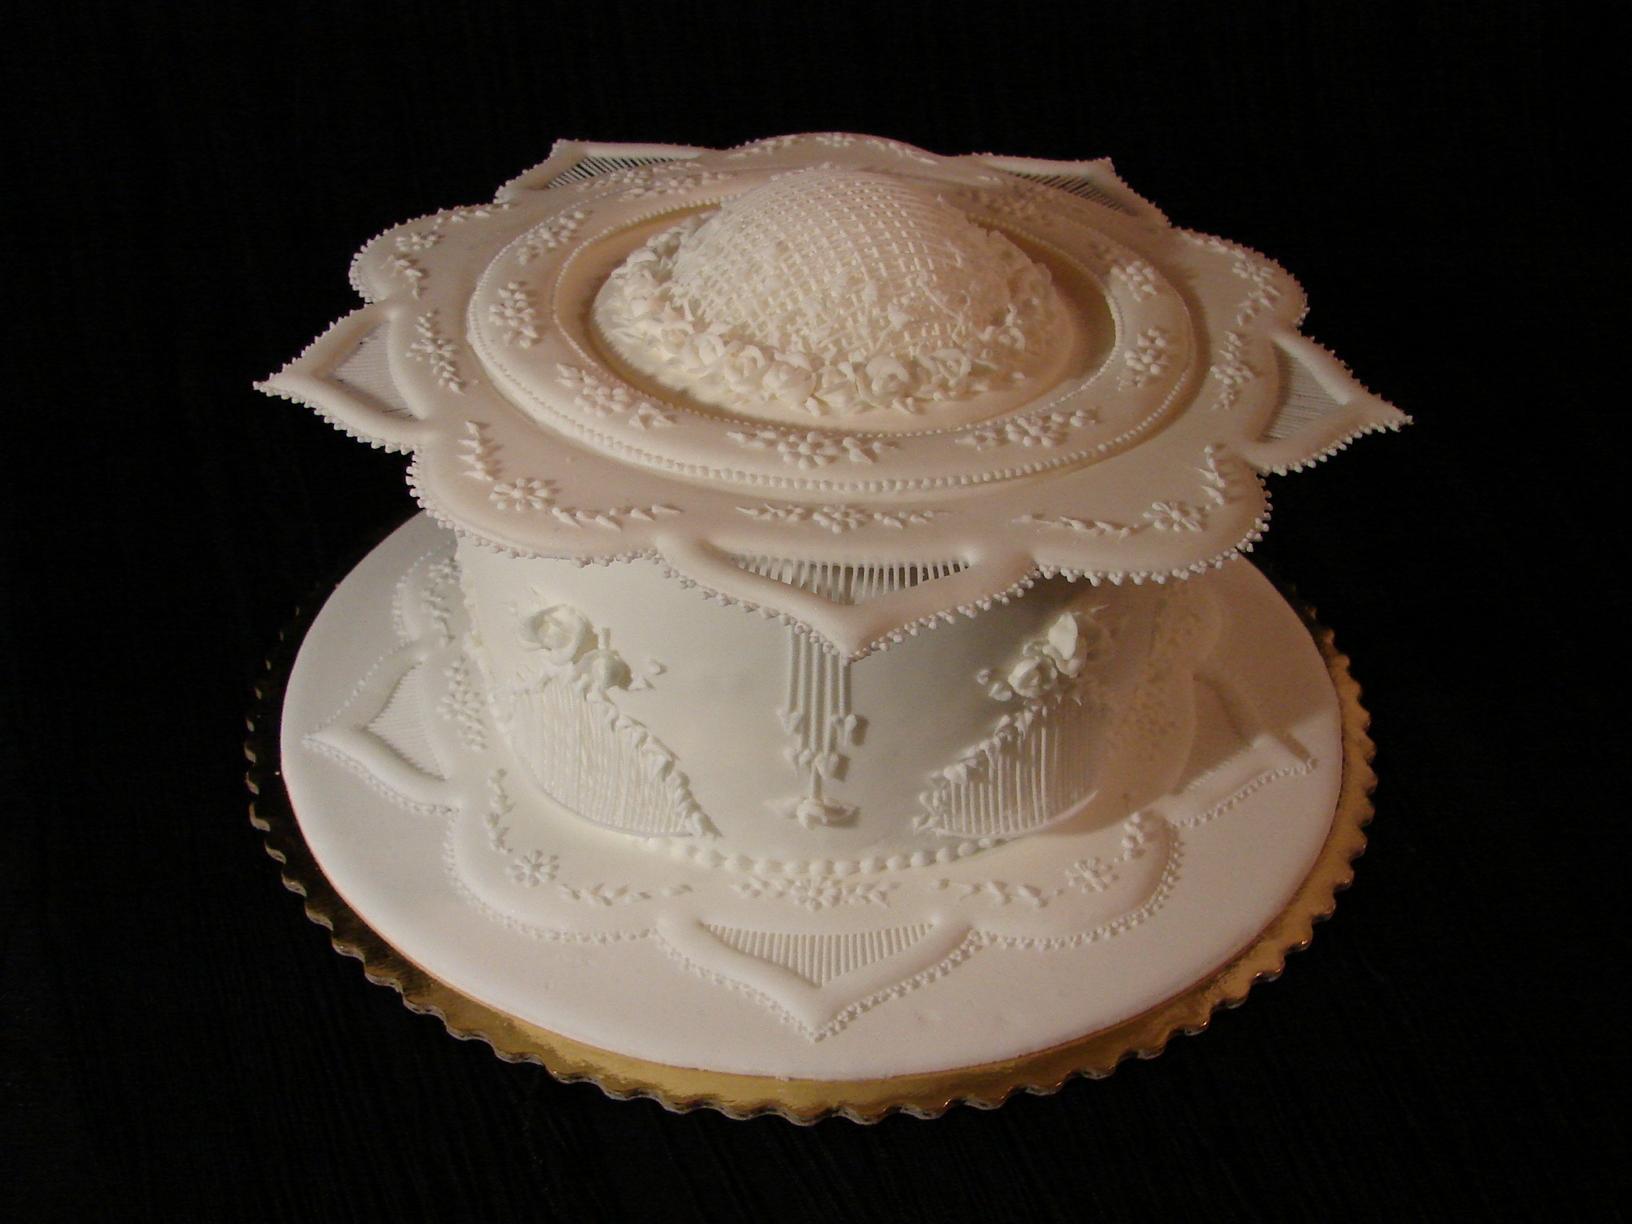 Moj 005Jpg - CakeCentral.com